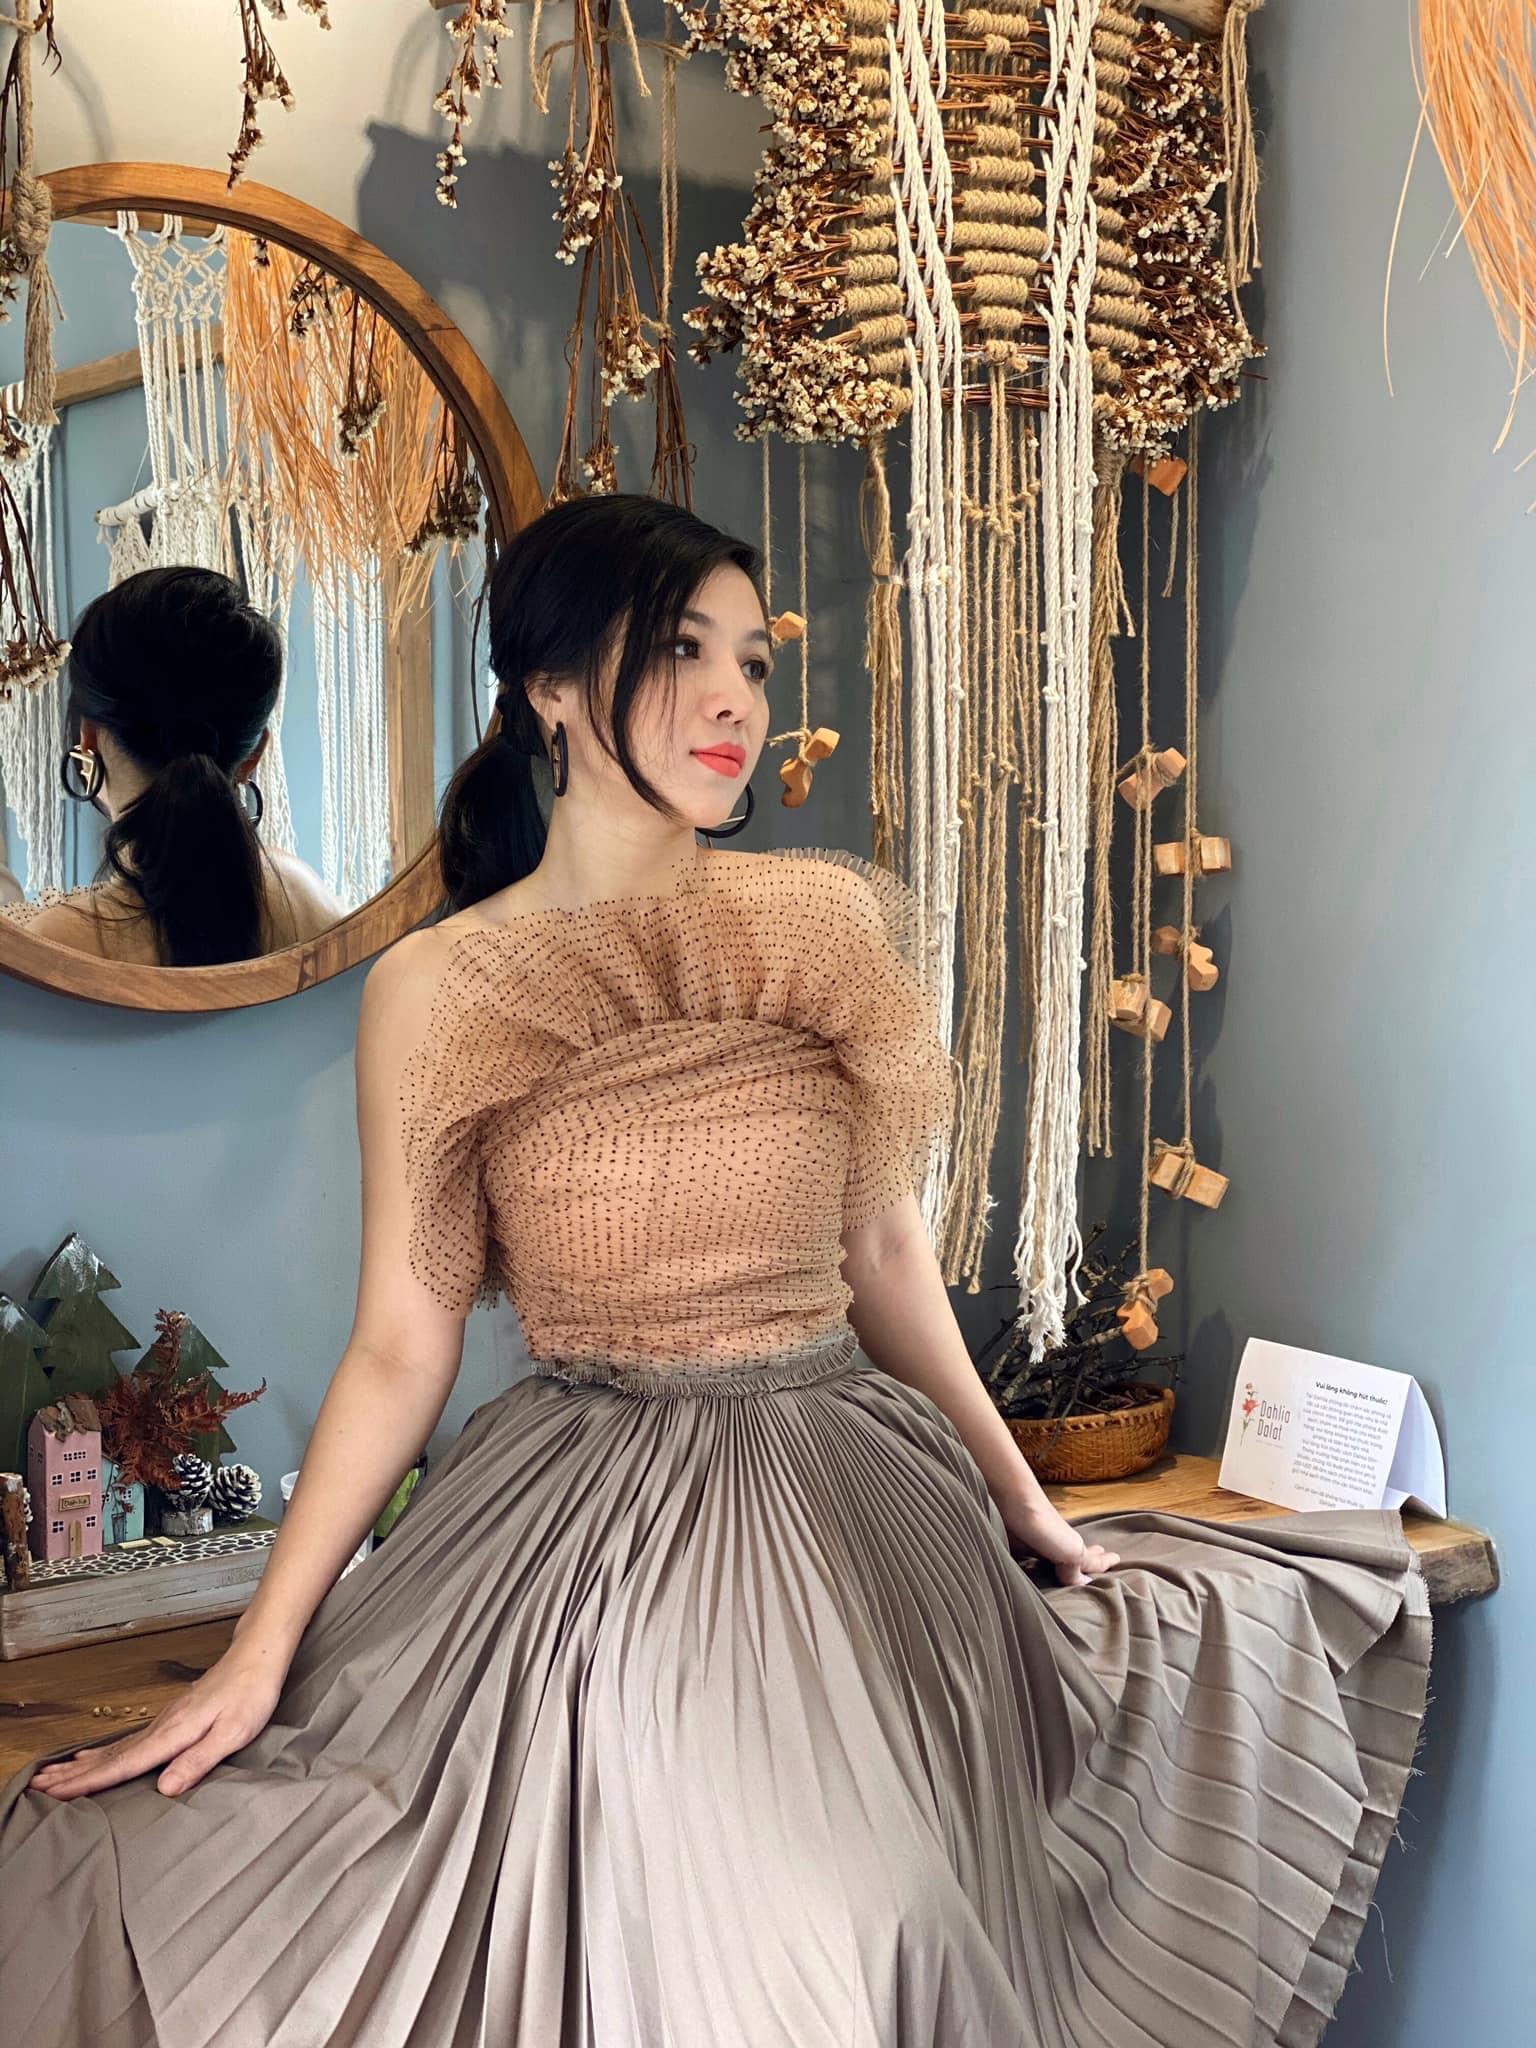 Cuộc sống hiện tại của vợ cũ của cố NS Vân Quang Long: Thân thiết với loạt sao Vbiz, check in sang chảnh, du lịch khắp nơi - Ảnh 6.